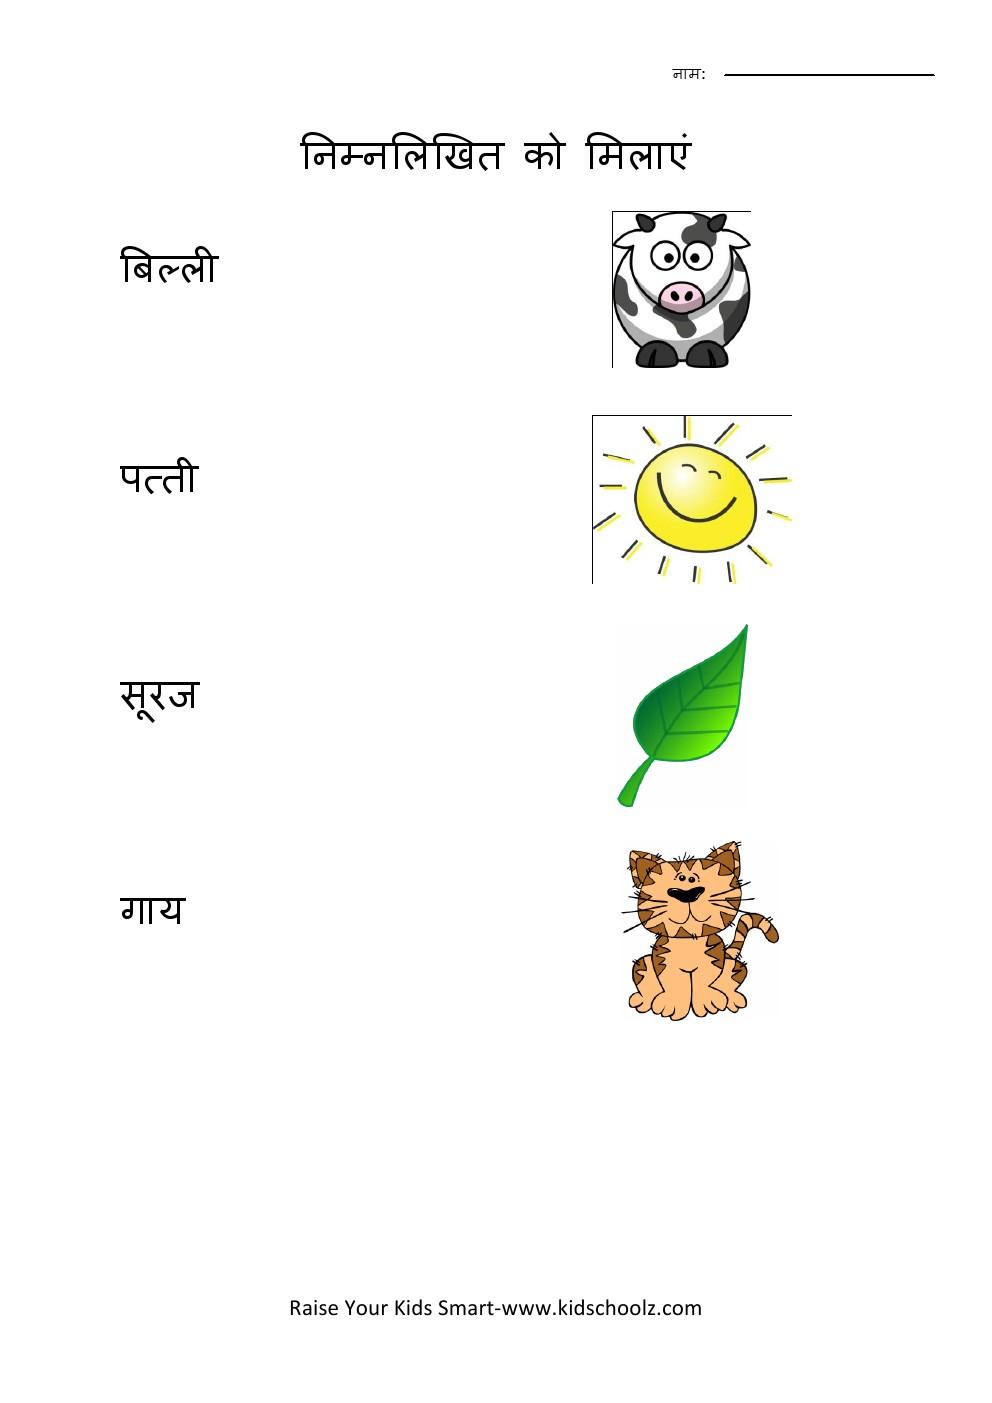 Workbooks hindi worksheets for ukg students : Hindi- Color Recognization Worksheet 5 - Kidschoolz